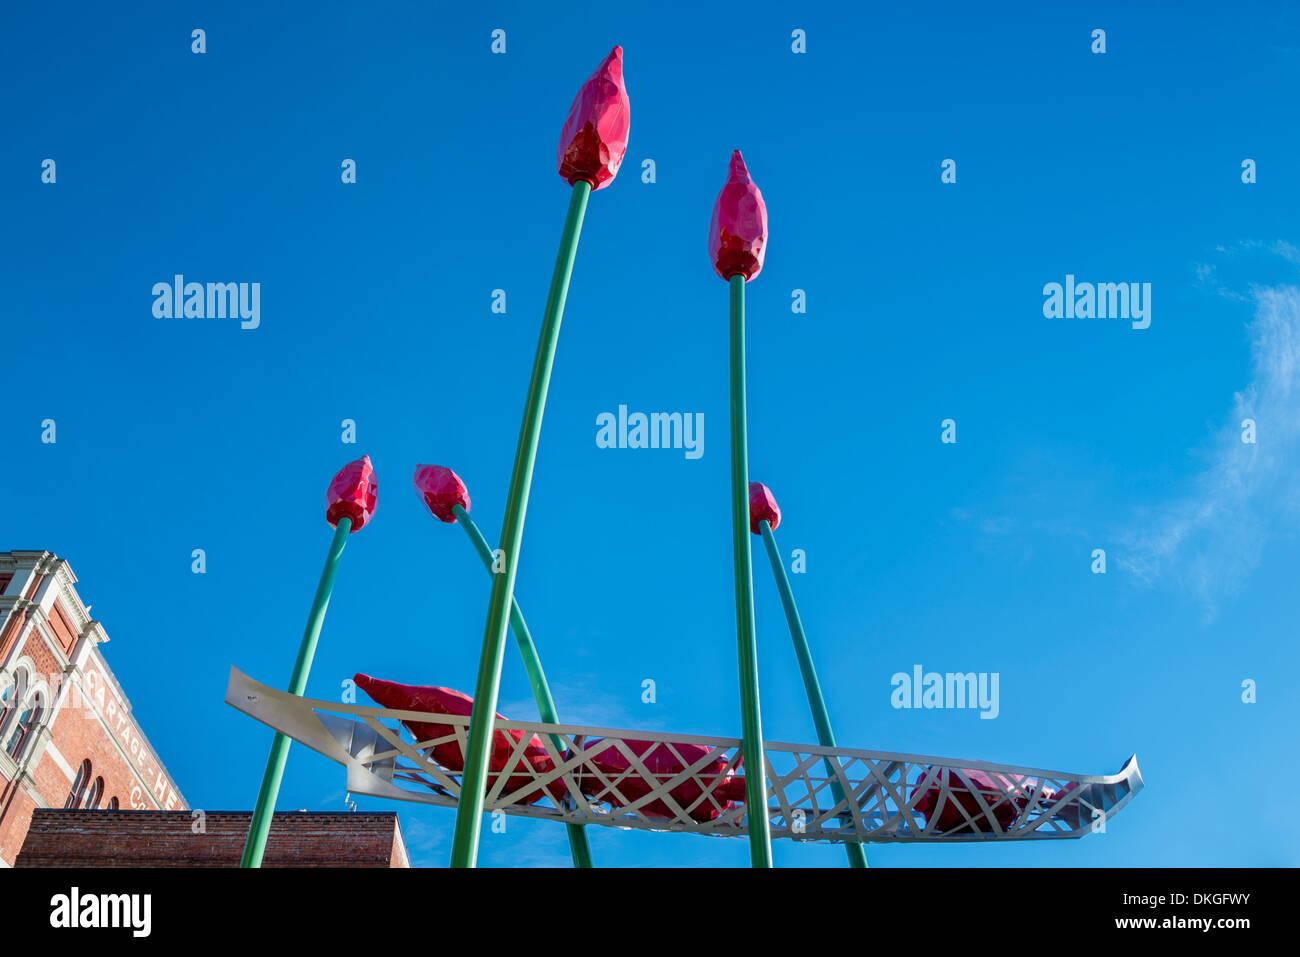 Tulip sculpture, Bastion Square, Victoria, Vancouver Island, British Columbia, Canada Stock Photo